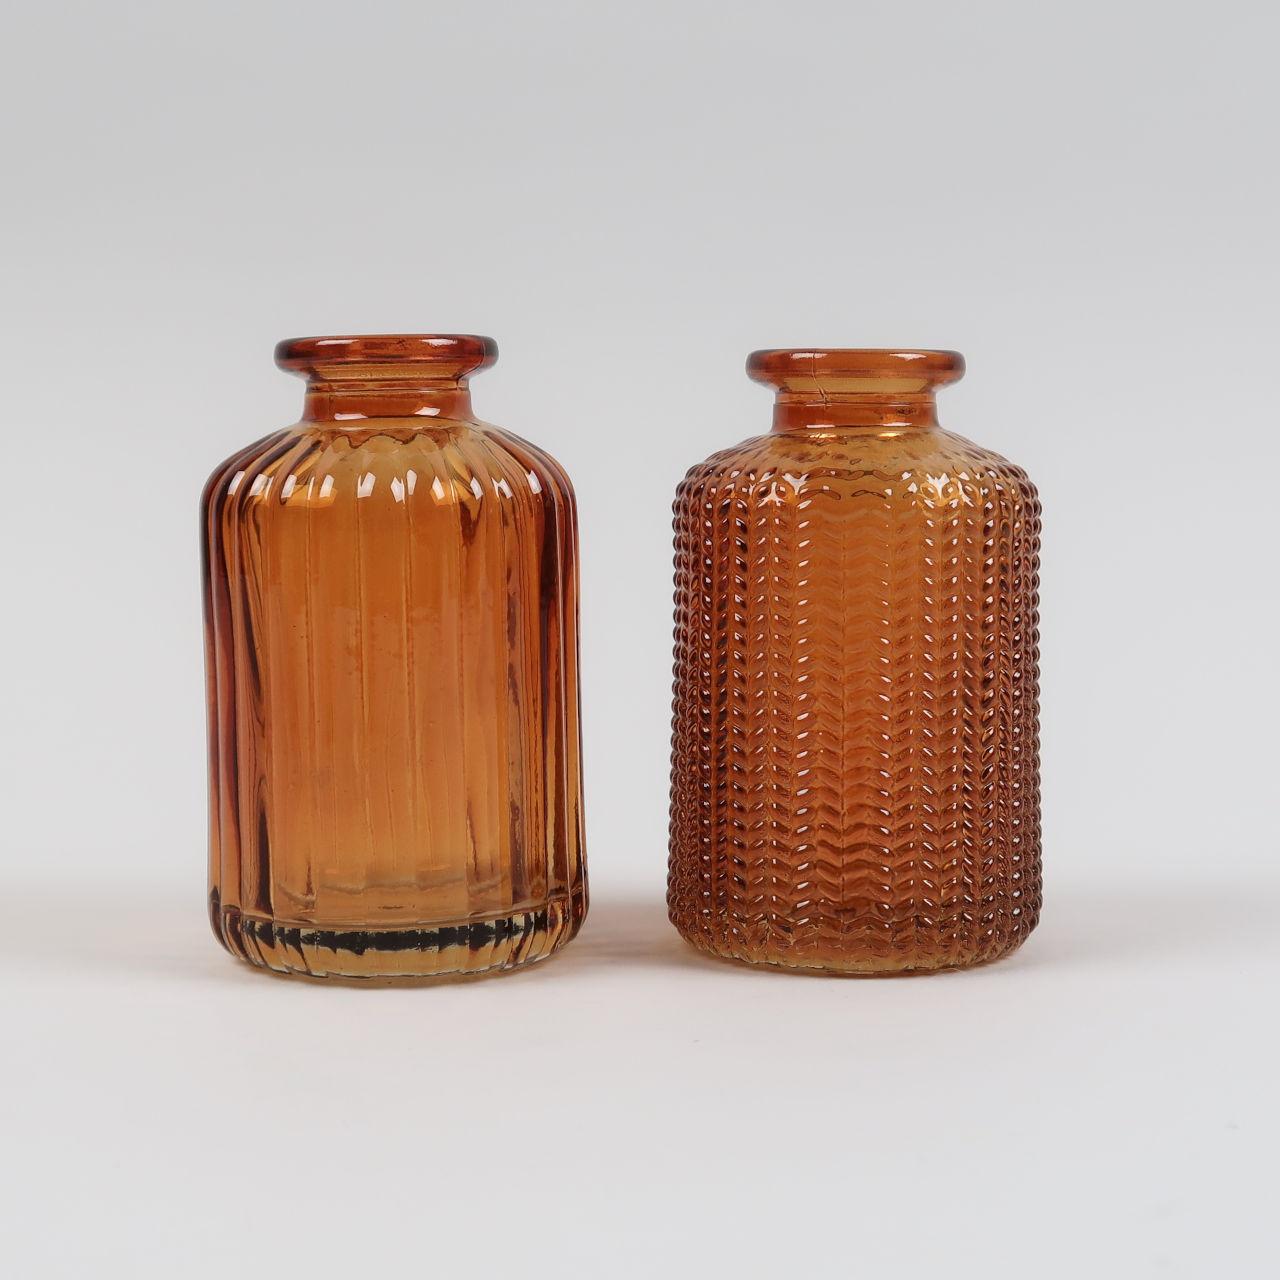 Jazz Bottle Vase - Amber